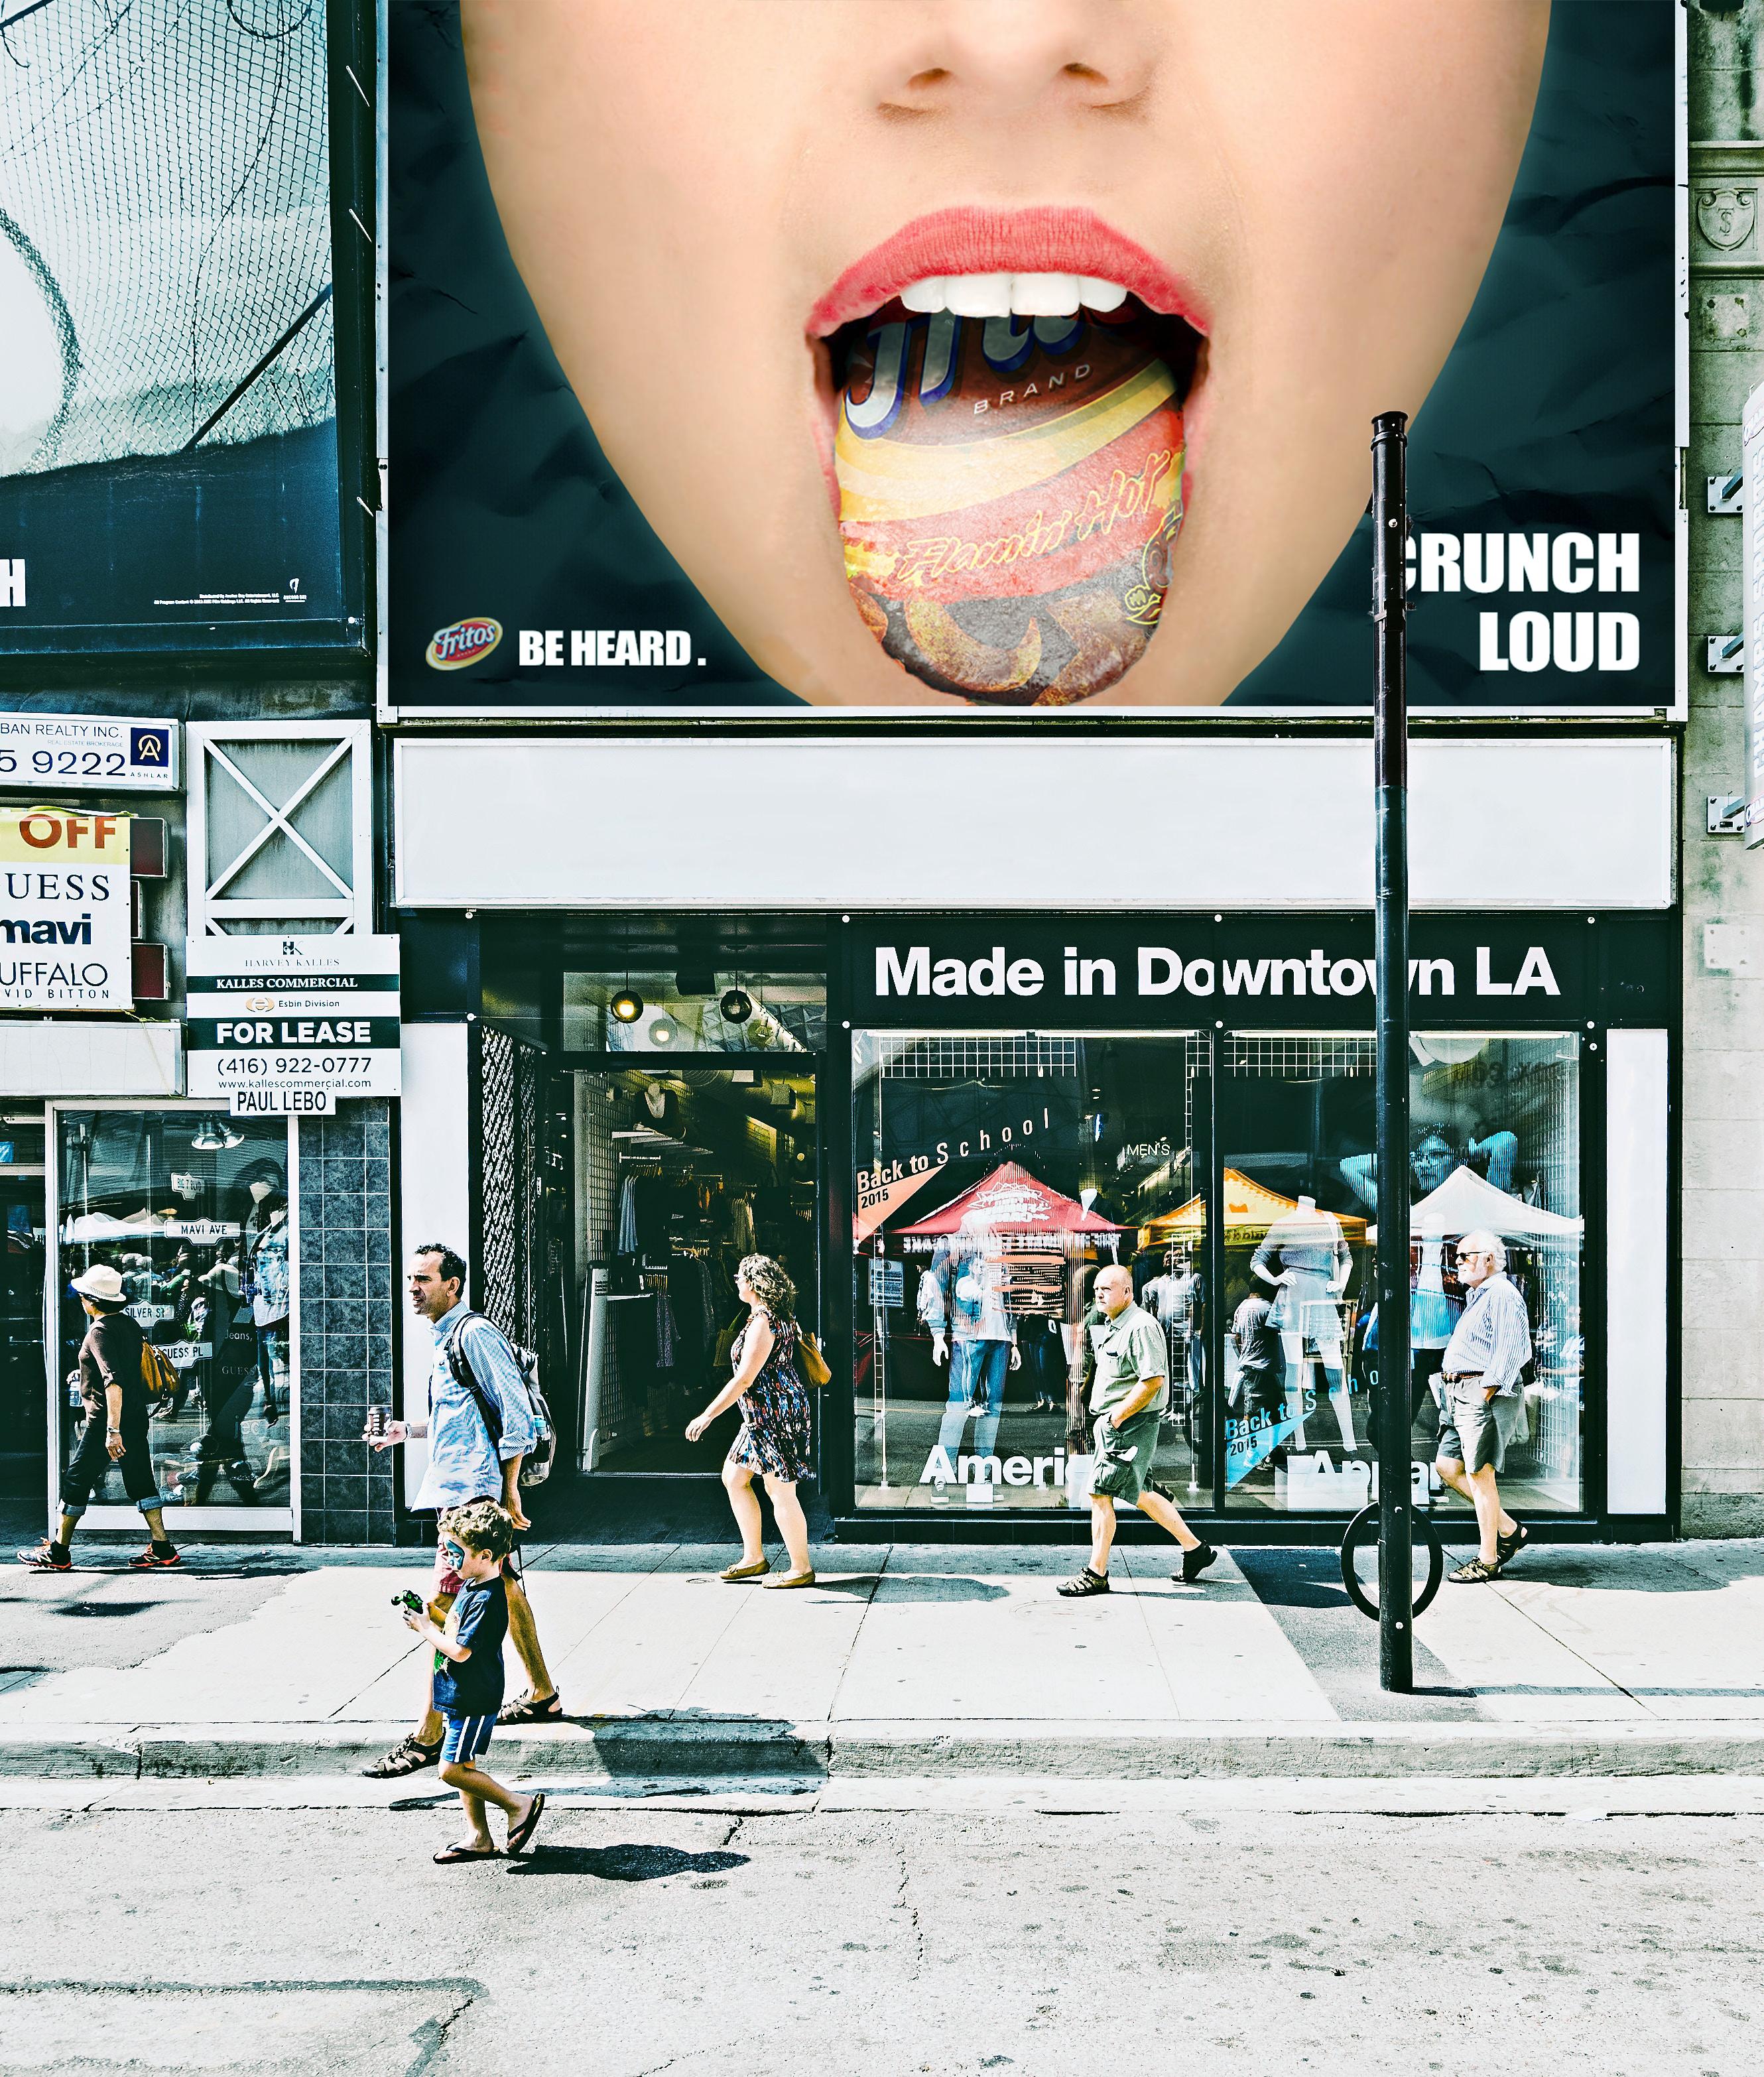 Frito-Lay Campaign